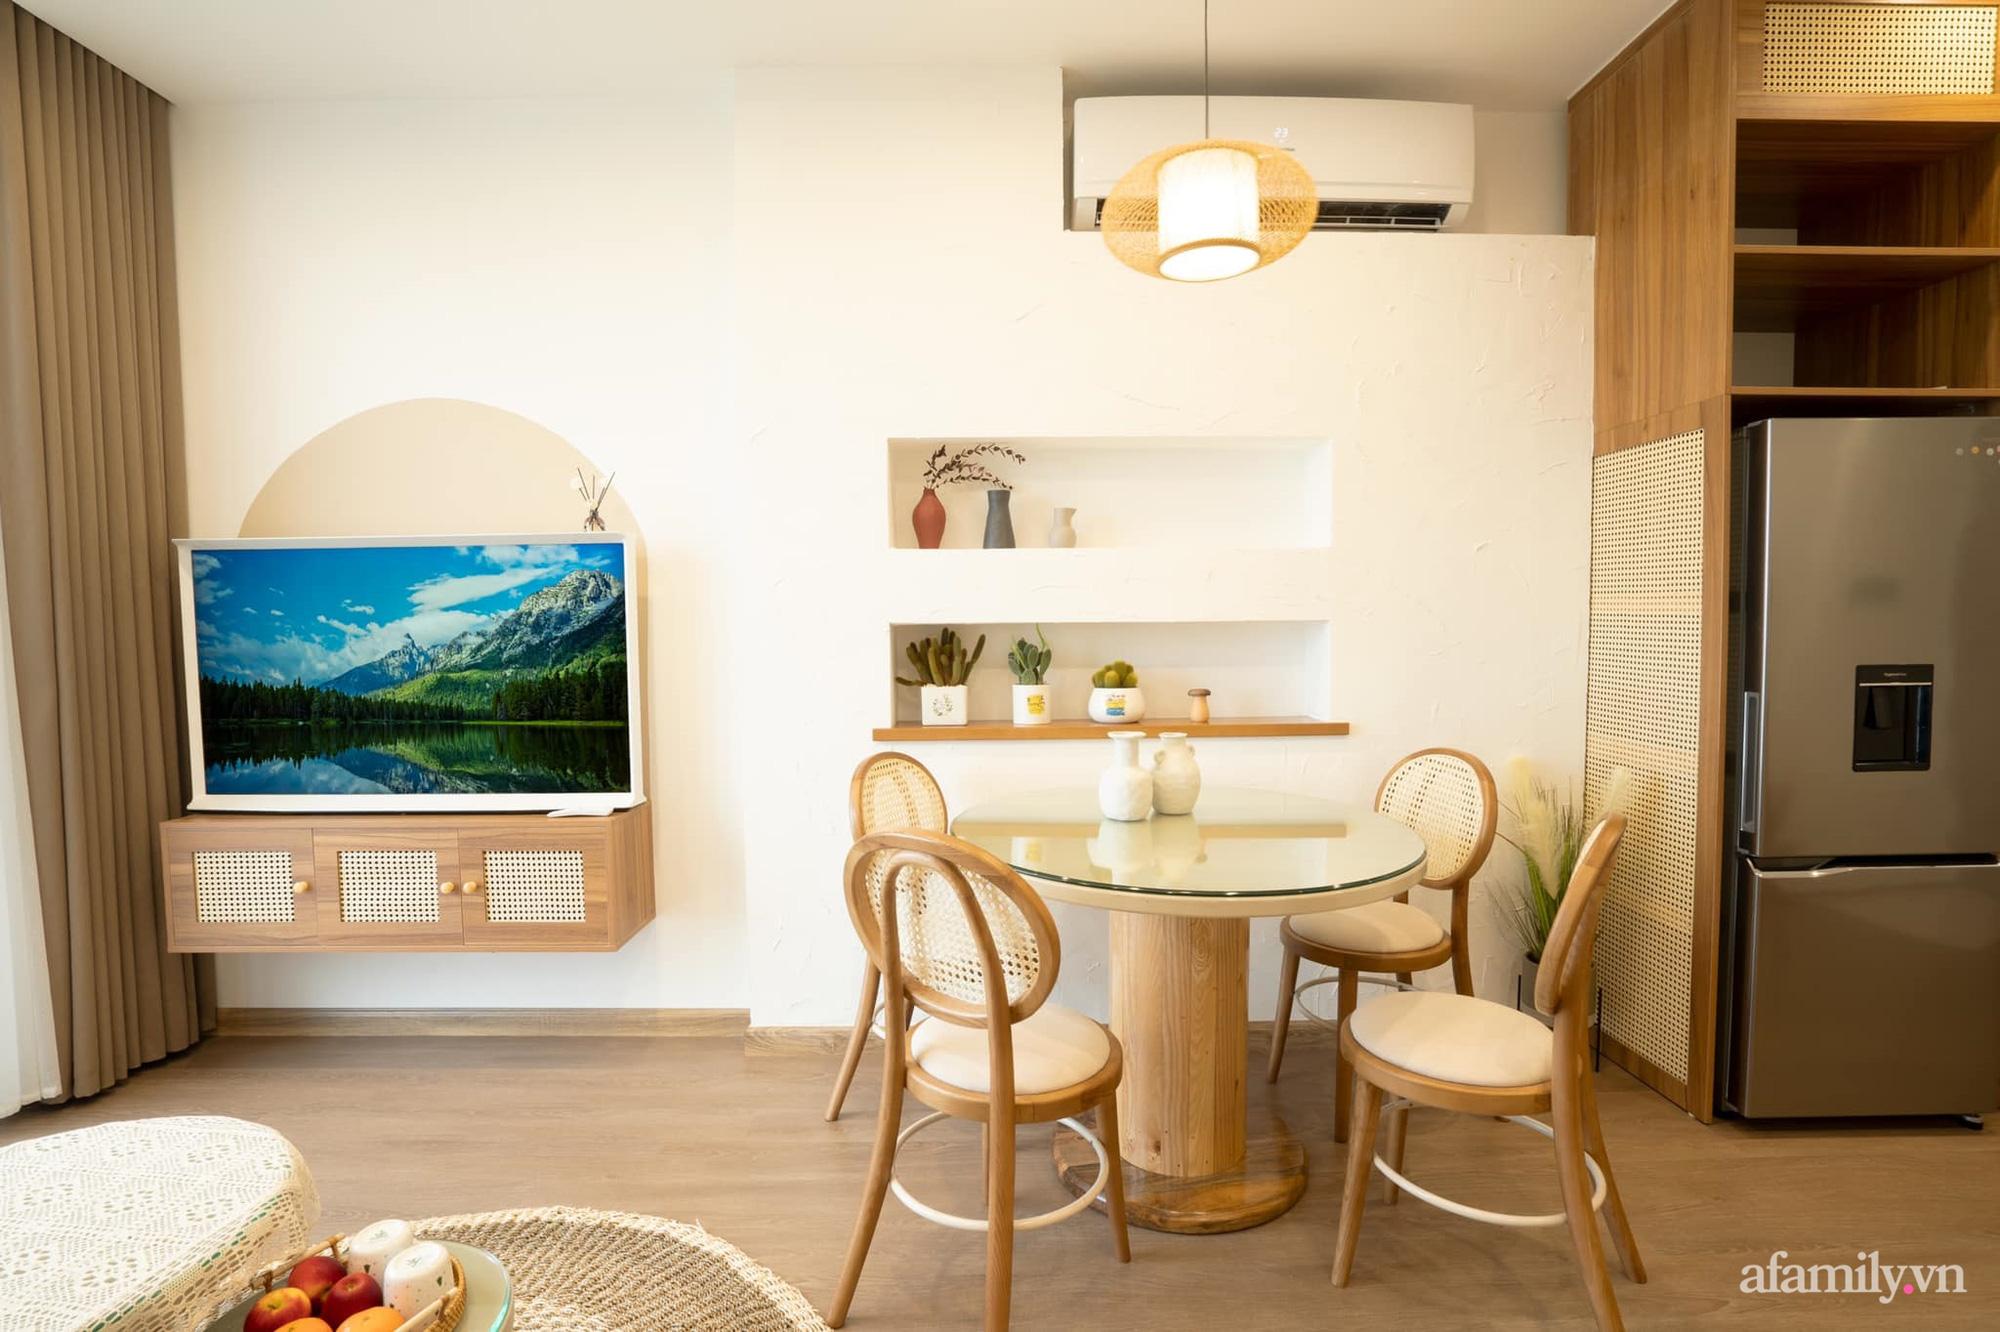 Căn hộ 54m² với nội thất tối giản theo tone vàng nâu đẹp đến từng centimet của cô nàng độc thân tại Hà Nội - Ảnh 6.